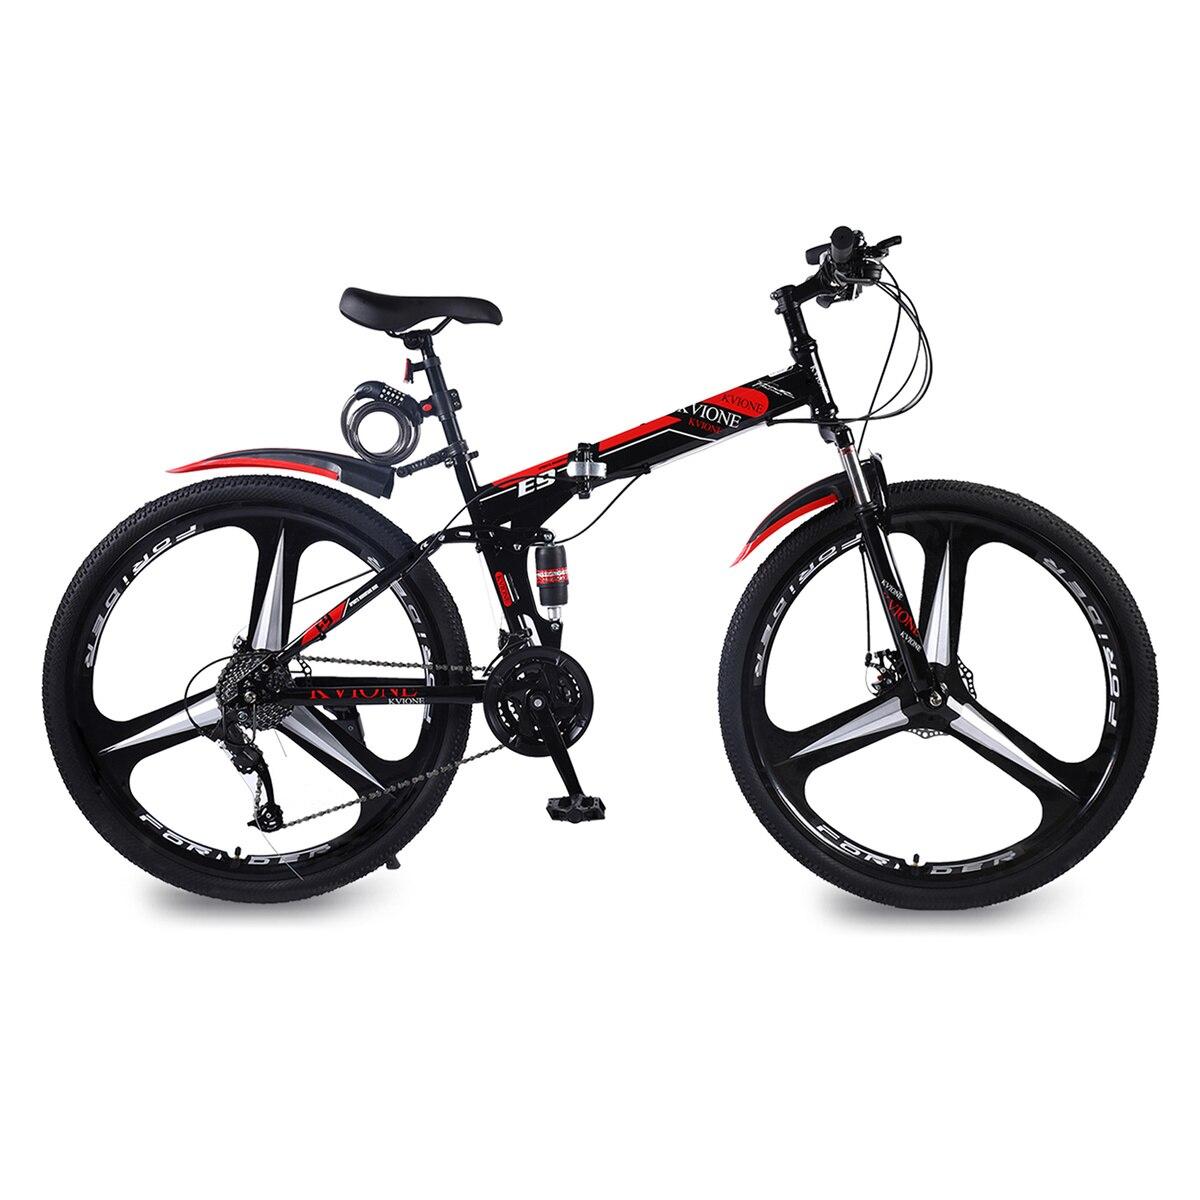 KVIONE E9 29 pouces 27 vitesses VTT pour hommes et femmes vtt vélo de montagne en acier à haute teneur en carbone frein à disque vélo pliant